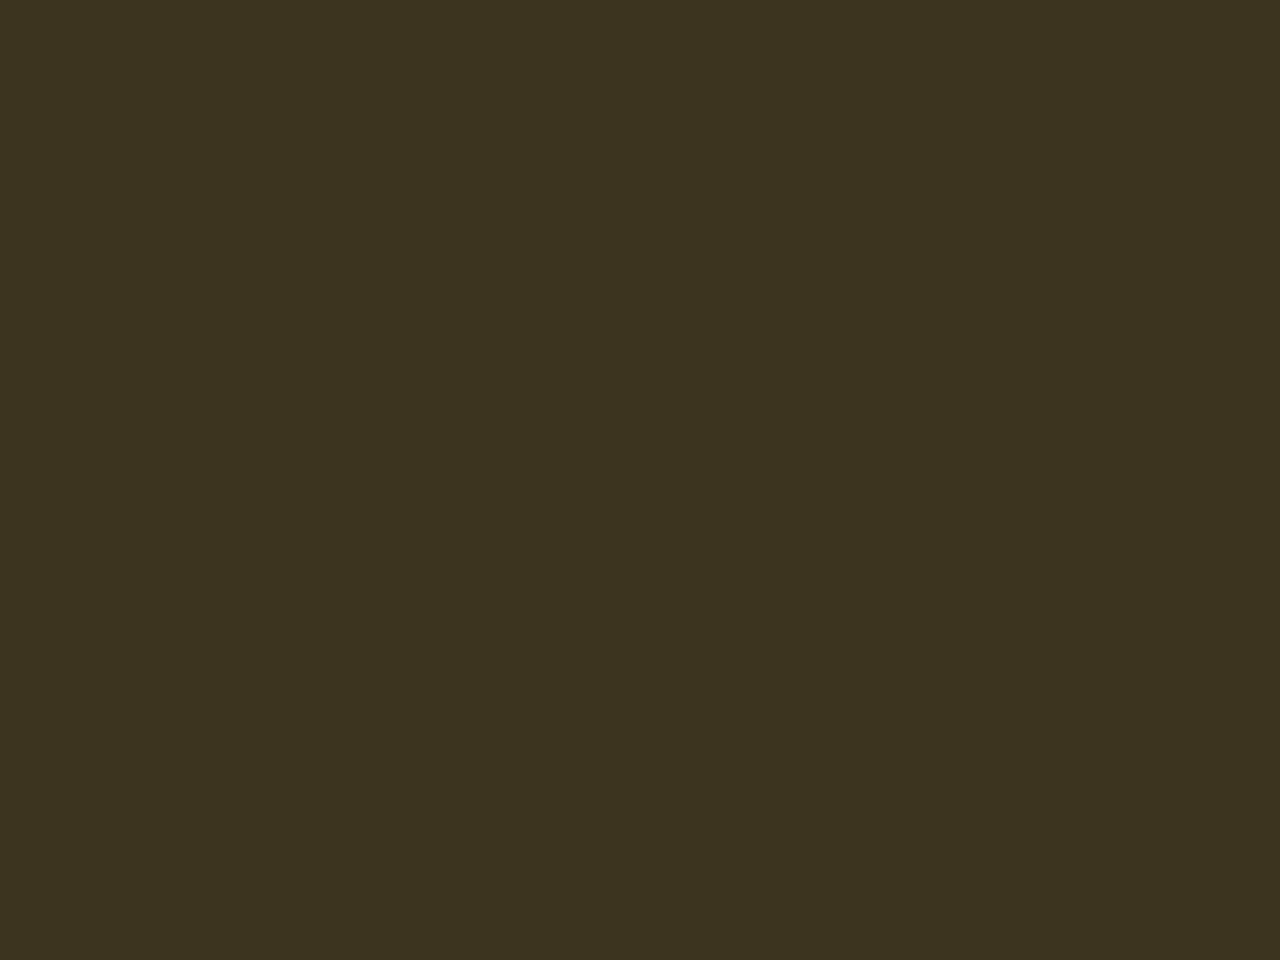 1280x960 Olive Drab Number Seven Solid Color Background